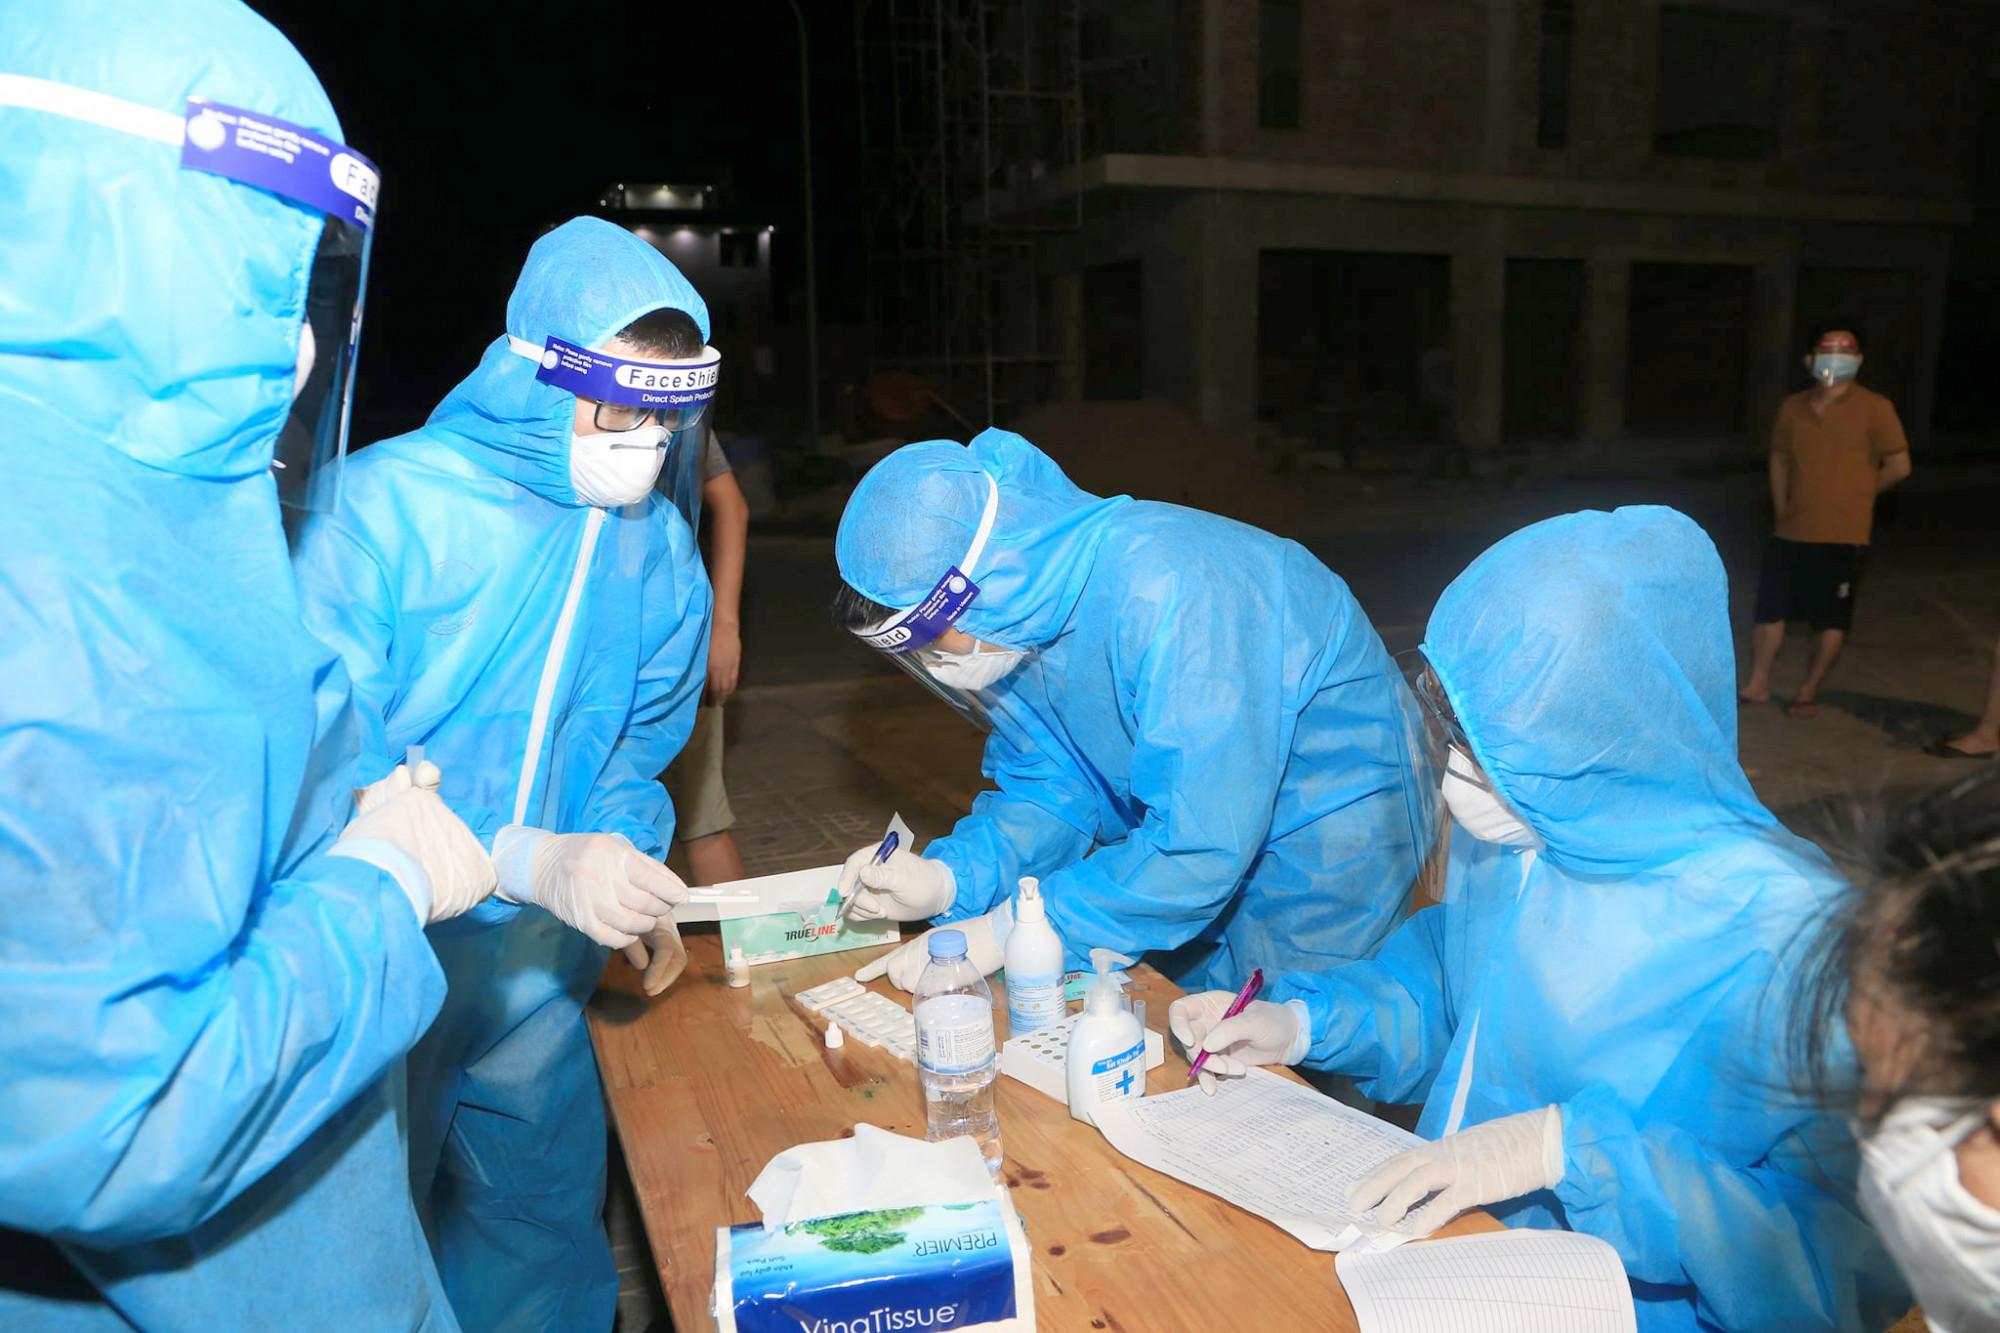 Hàng trăm cán bộ y tế của các bệnh viện trên địa bàn Nghệ An được điều động tham gia chiến dịch test nhanh COVID-19 cho người dân TP.Vinh